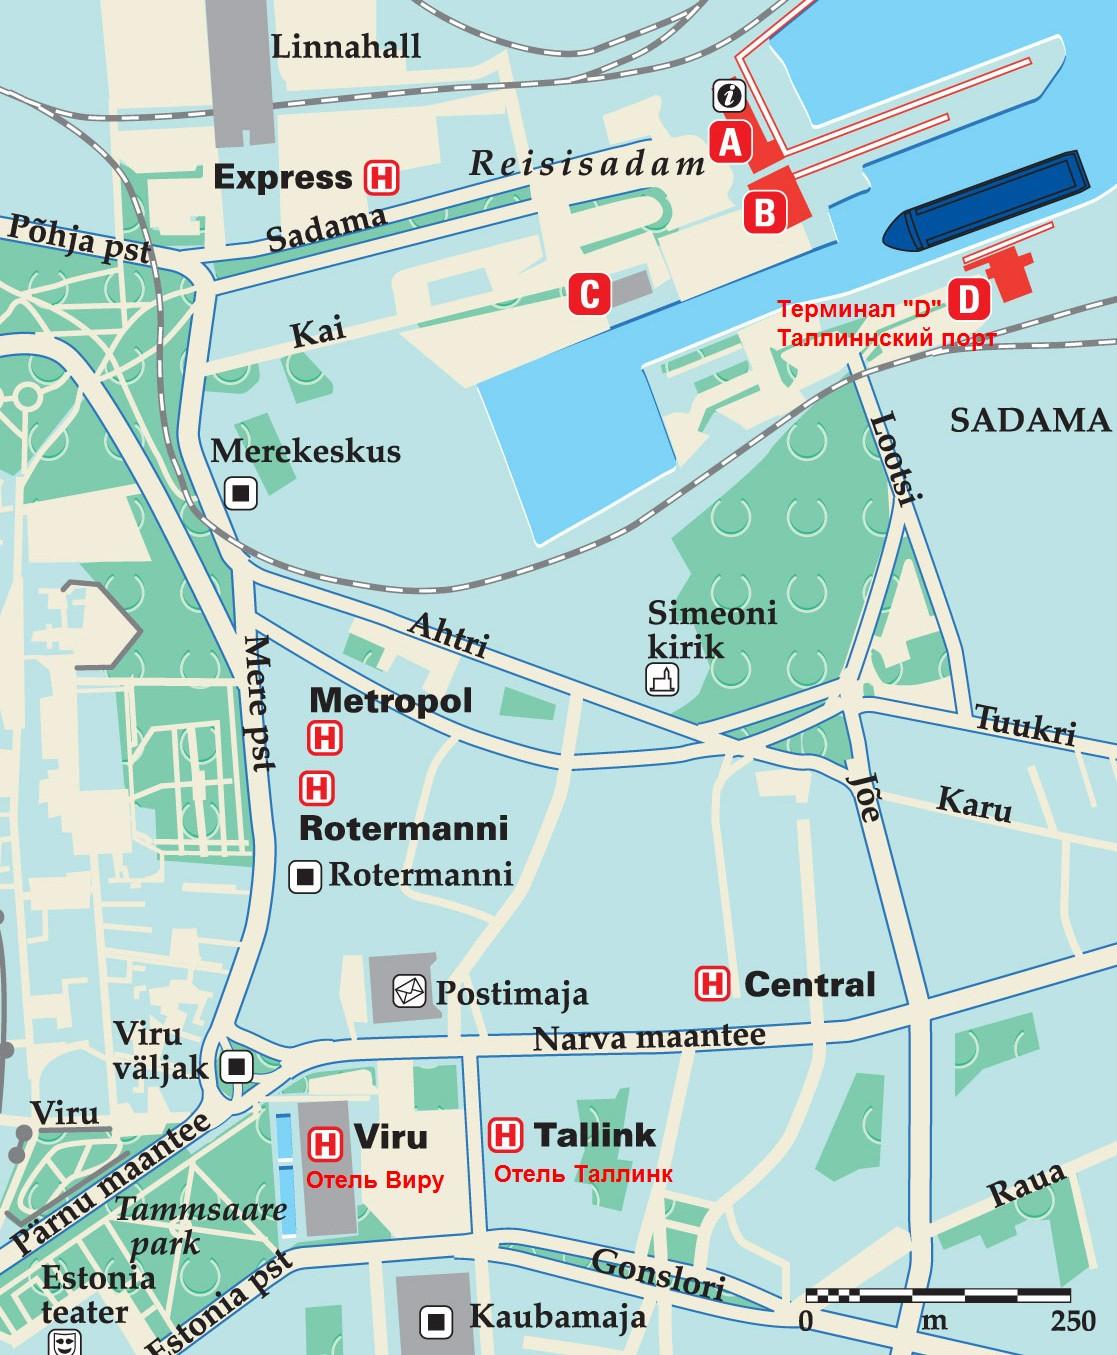 """Паромная компания Tallink Silja, Терминал """"Д"""" в Таллинне, план."""